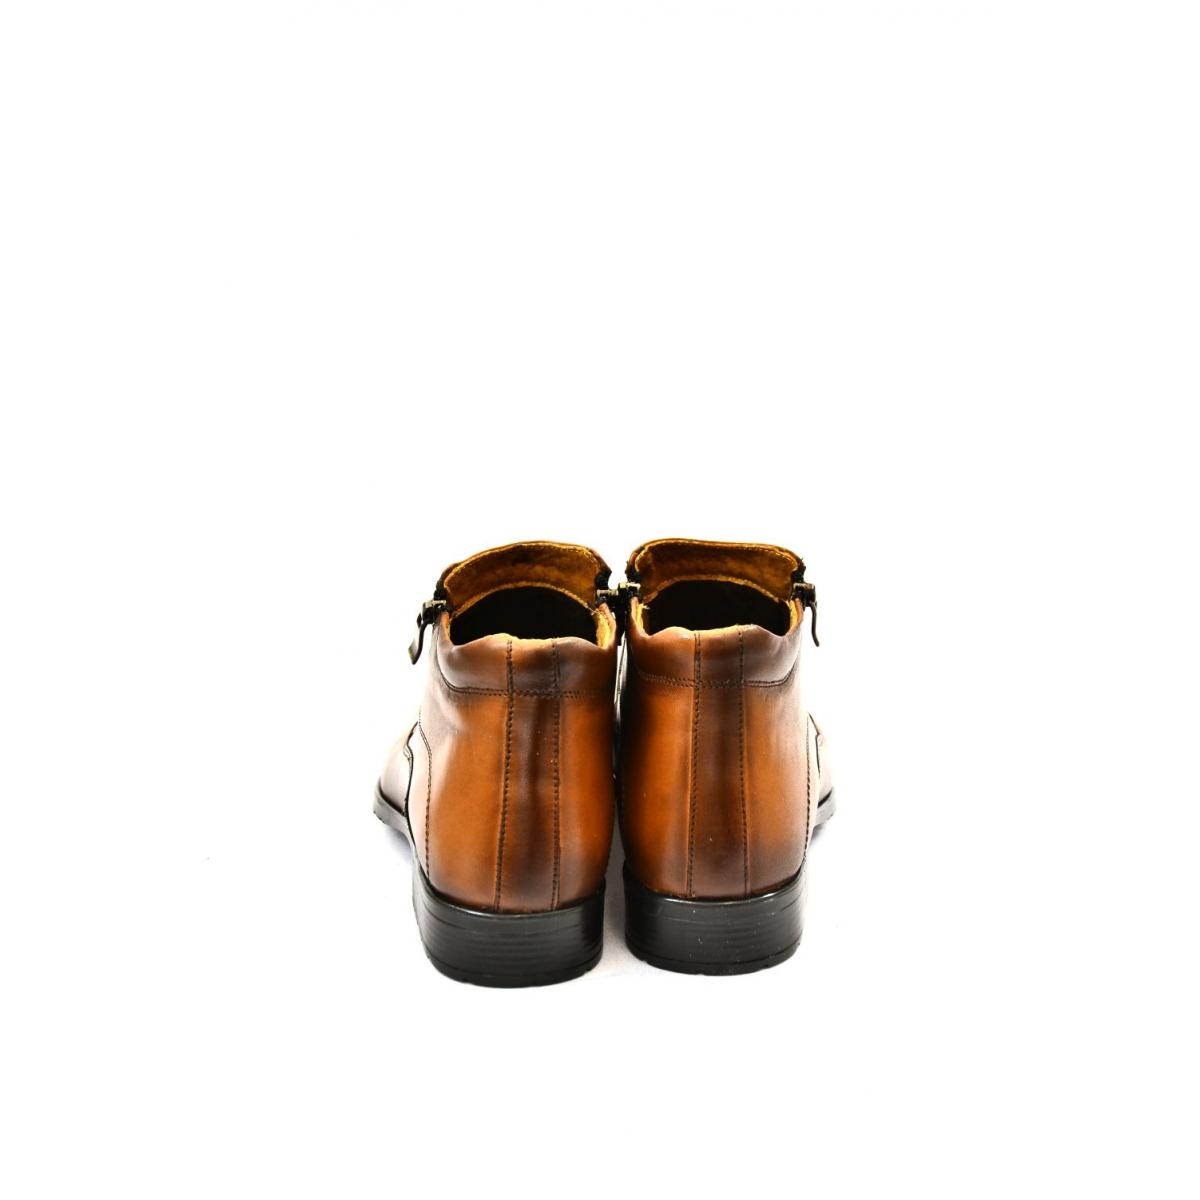 e905cc8ad Pánske hnedé kožené zimné topánky ARTHUR | Johnc.sk